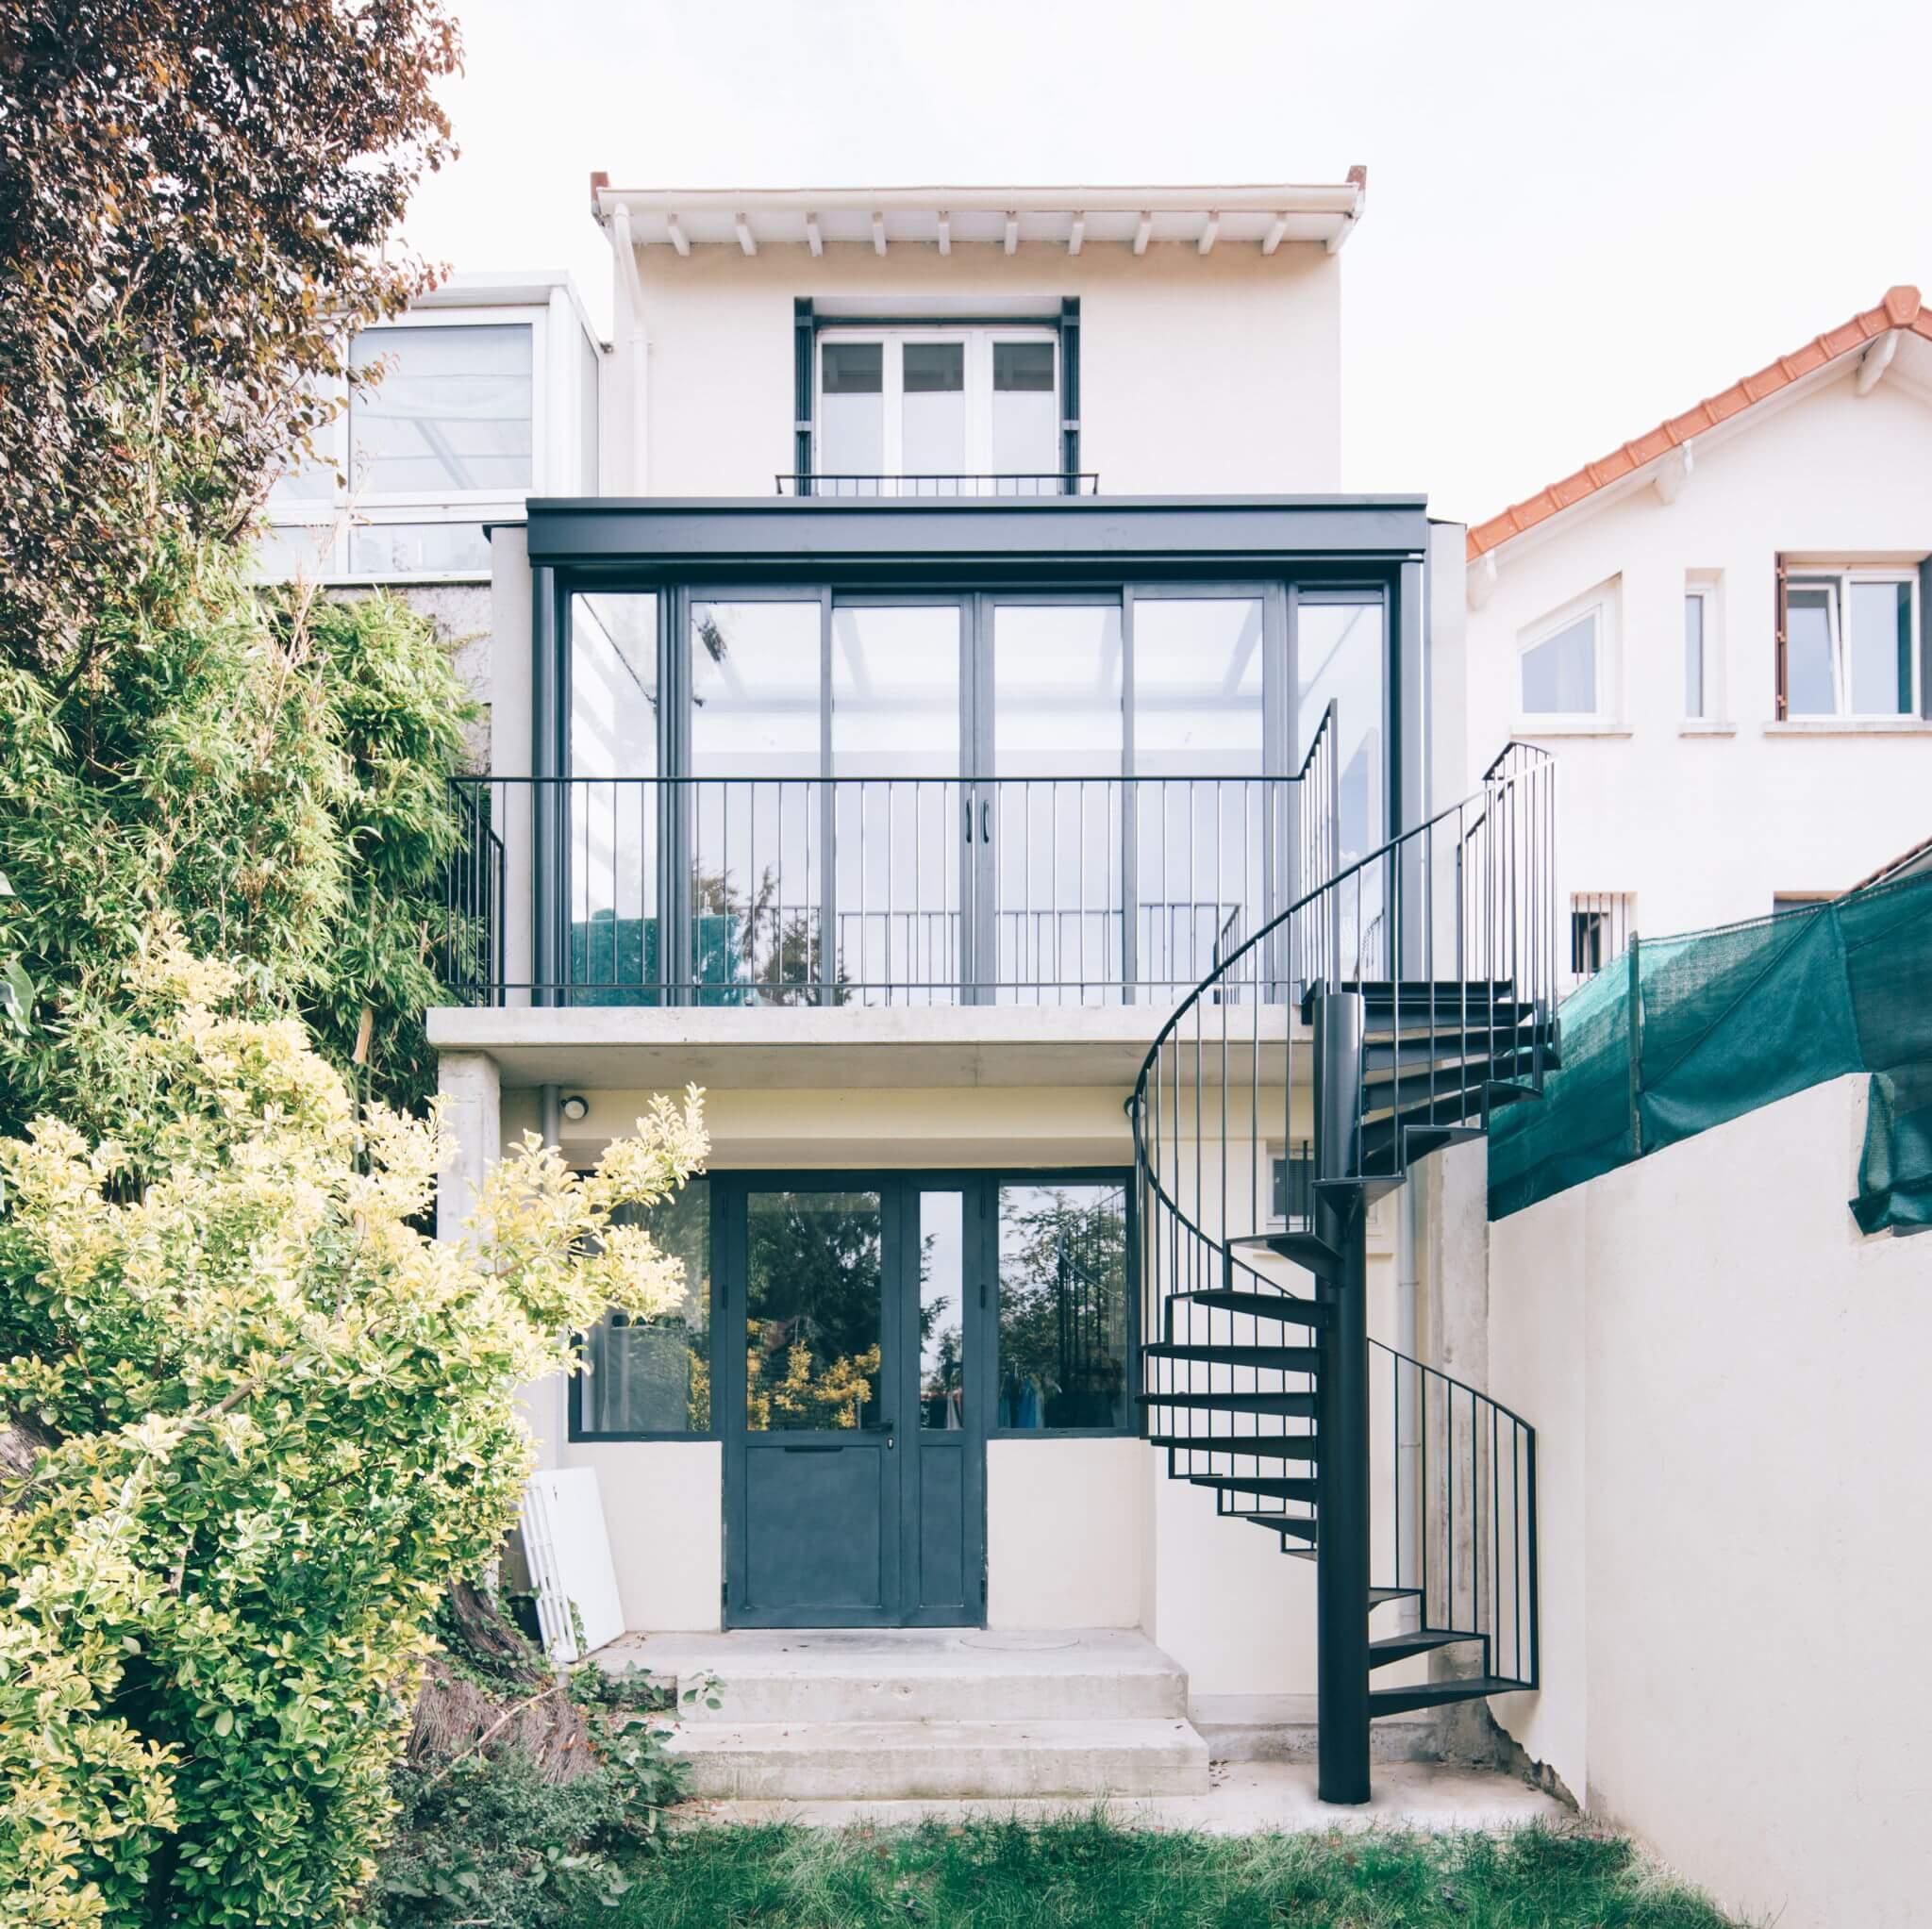 escalier colimaçon hélicoïdal maison extérieur